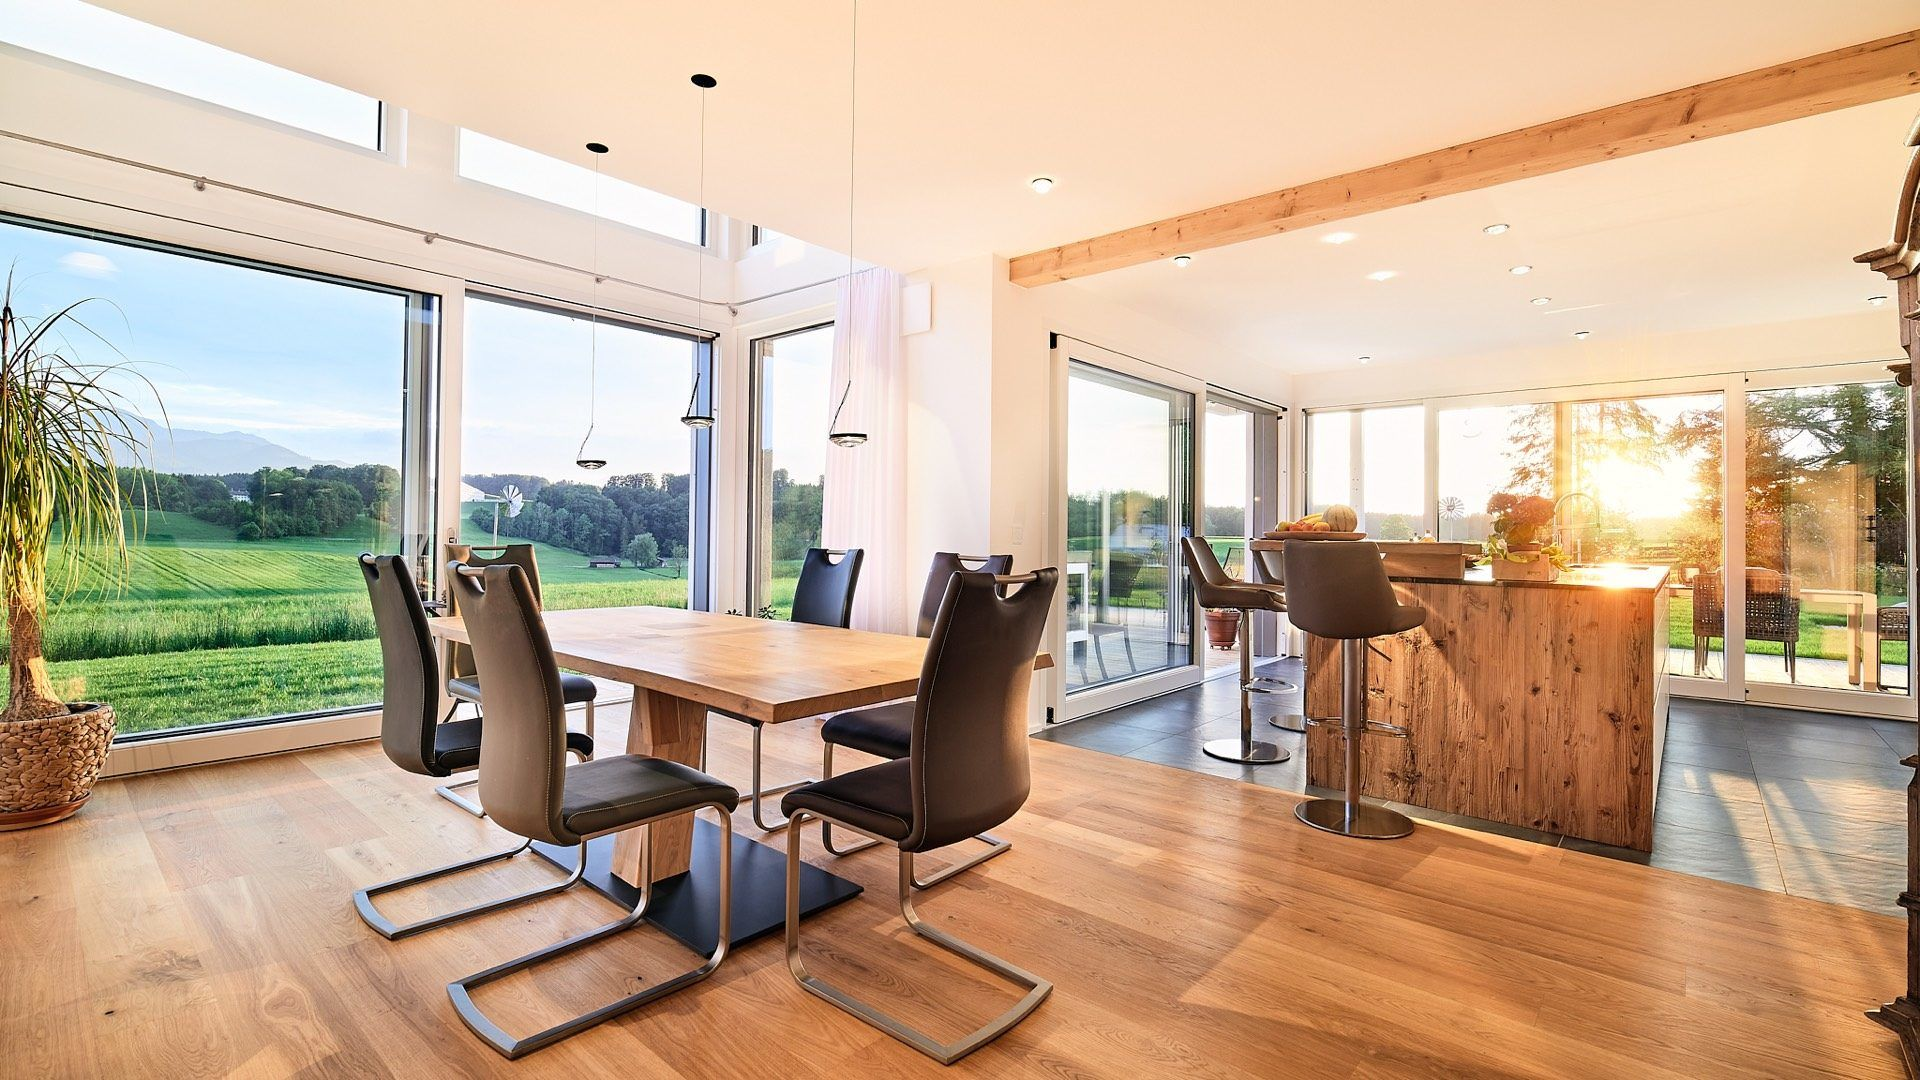 Lichtplanung für offene Küche mit LED-Strahler